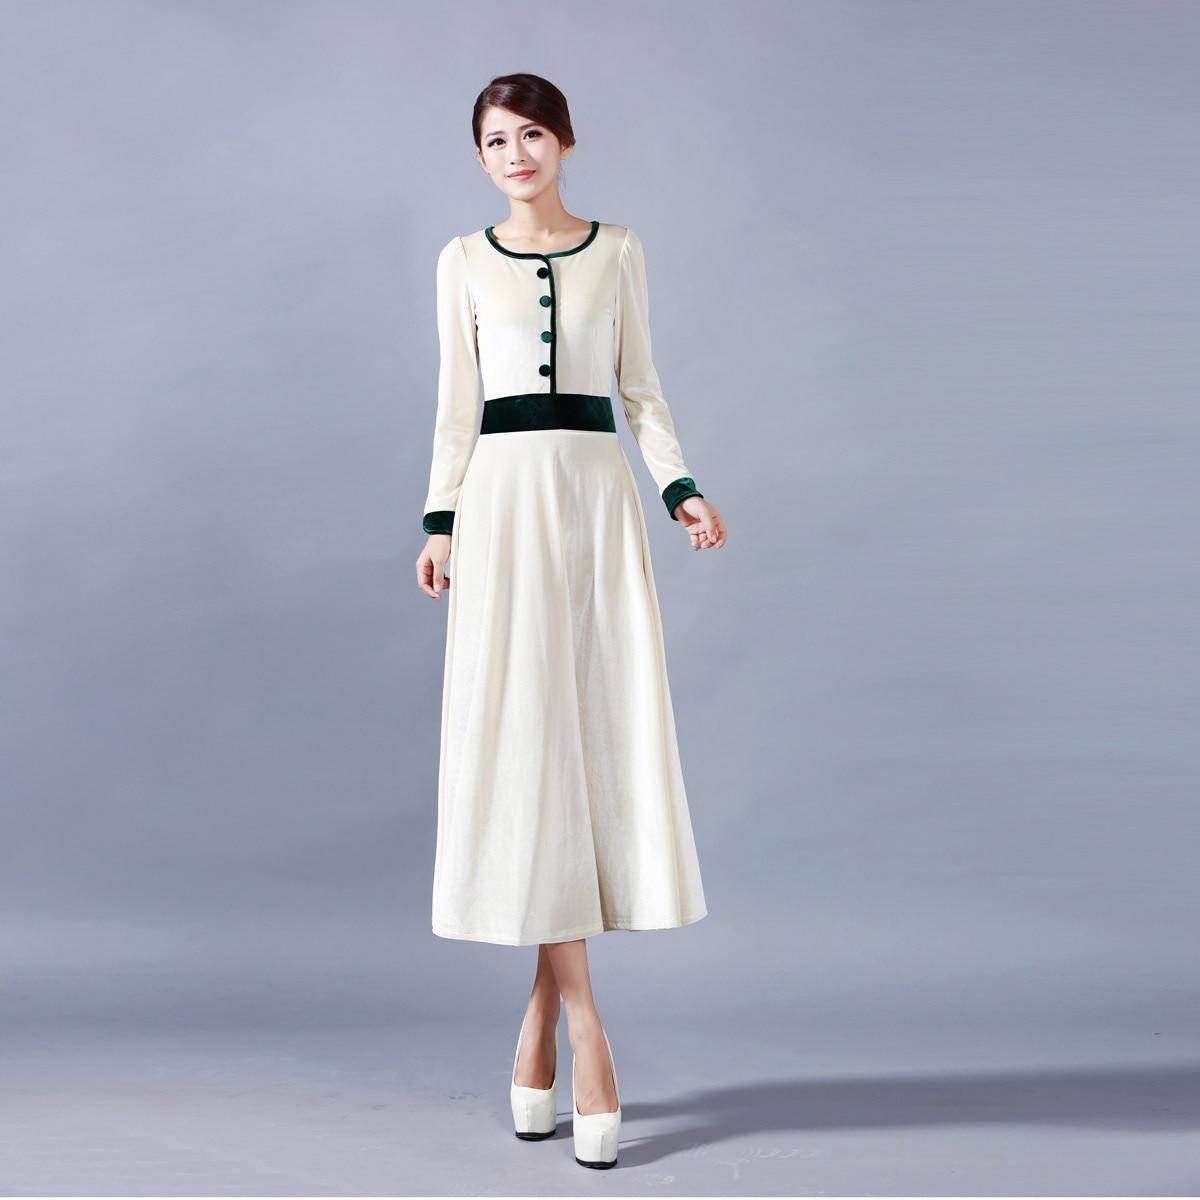 2018 Femmes Plus La Taille Des Vêtements 5XL 4XL Hiver Élégant Parti Robes  de velours Longue Patchwork Mince Taille Vin Rouge Vert ... f90fa5fcb8bd